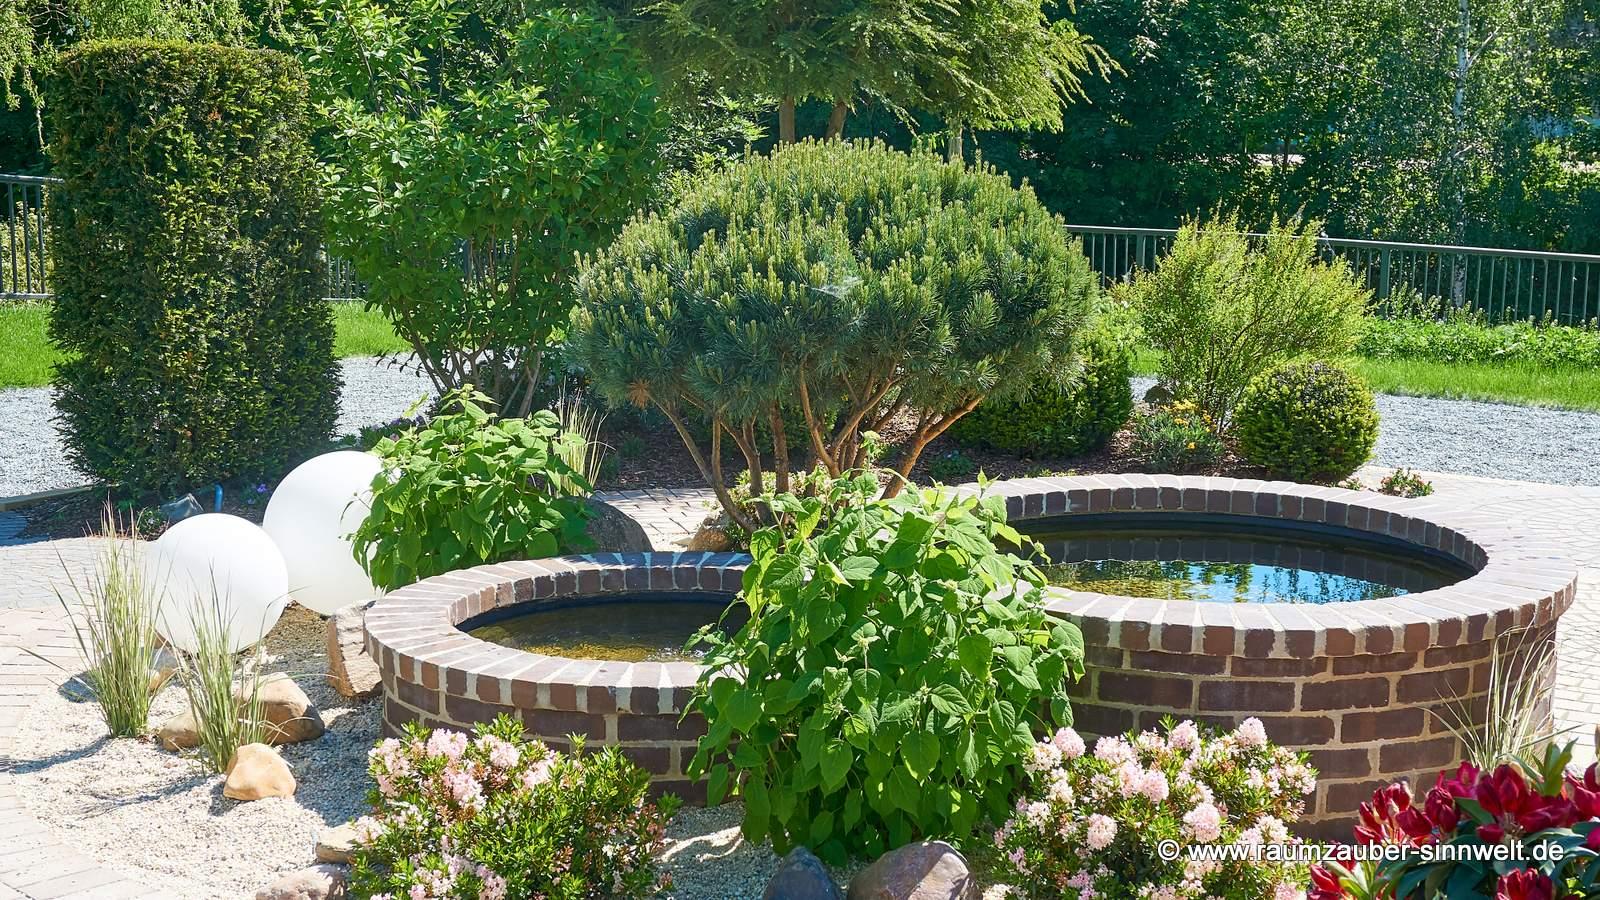 Gartengestaltung mit Wasserelementen